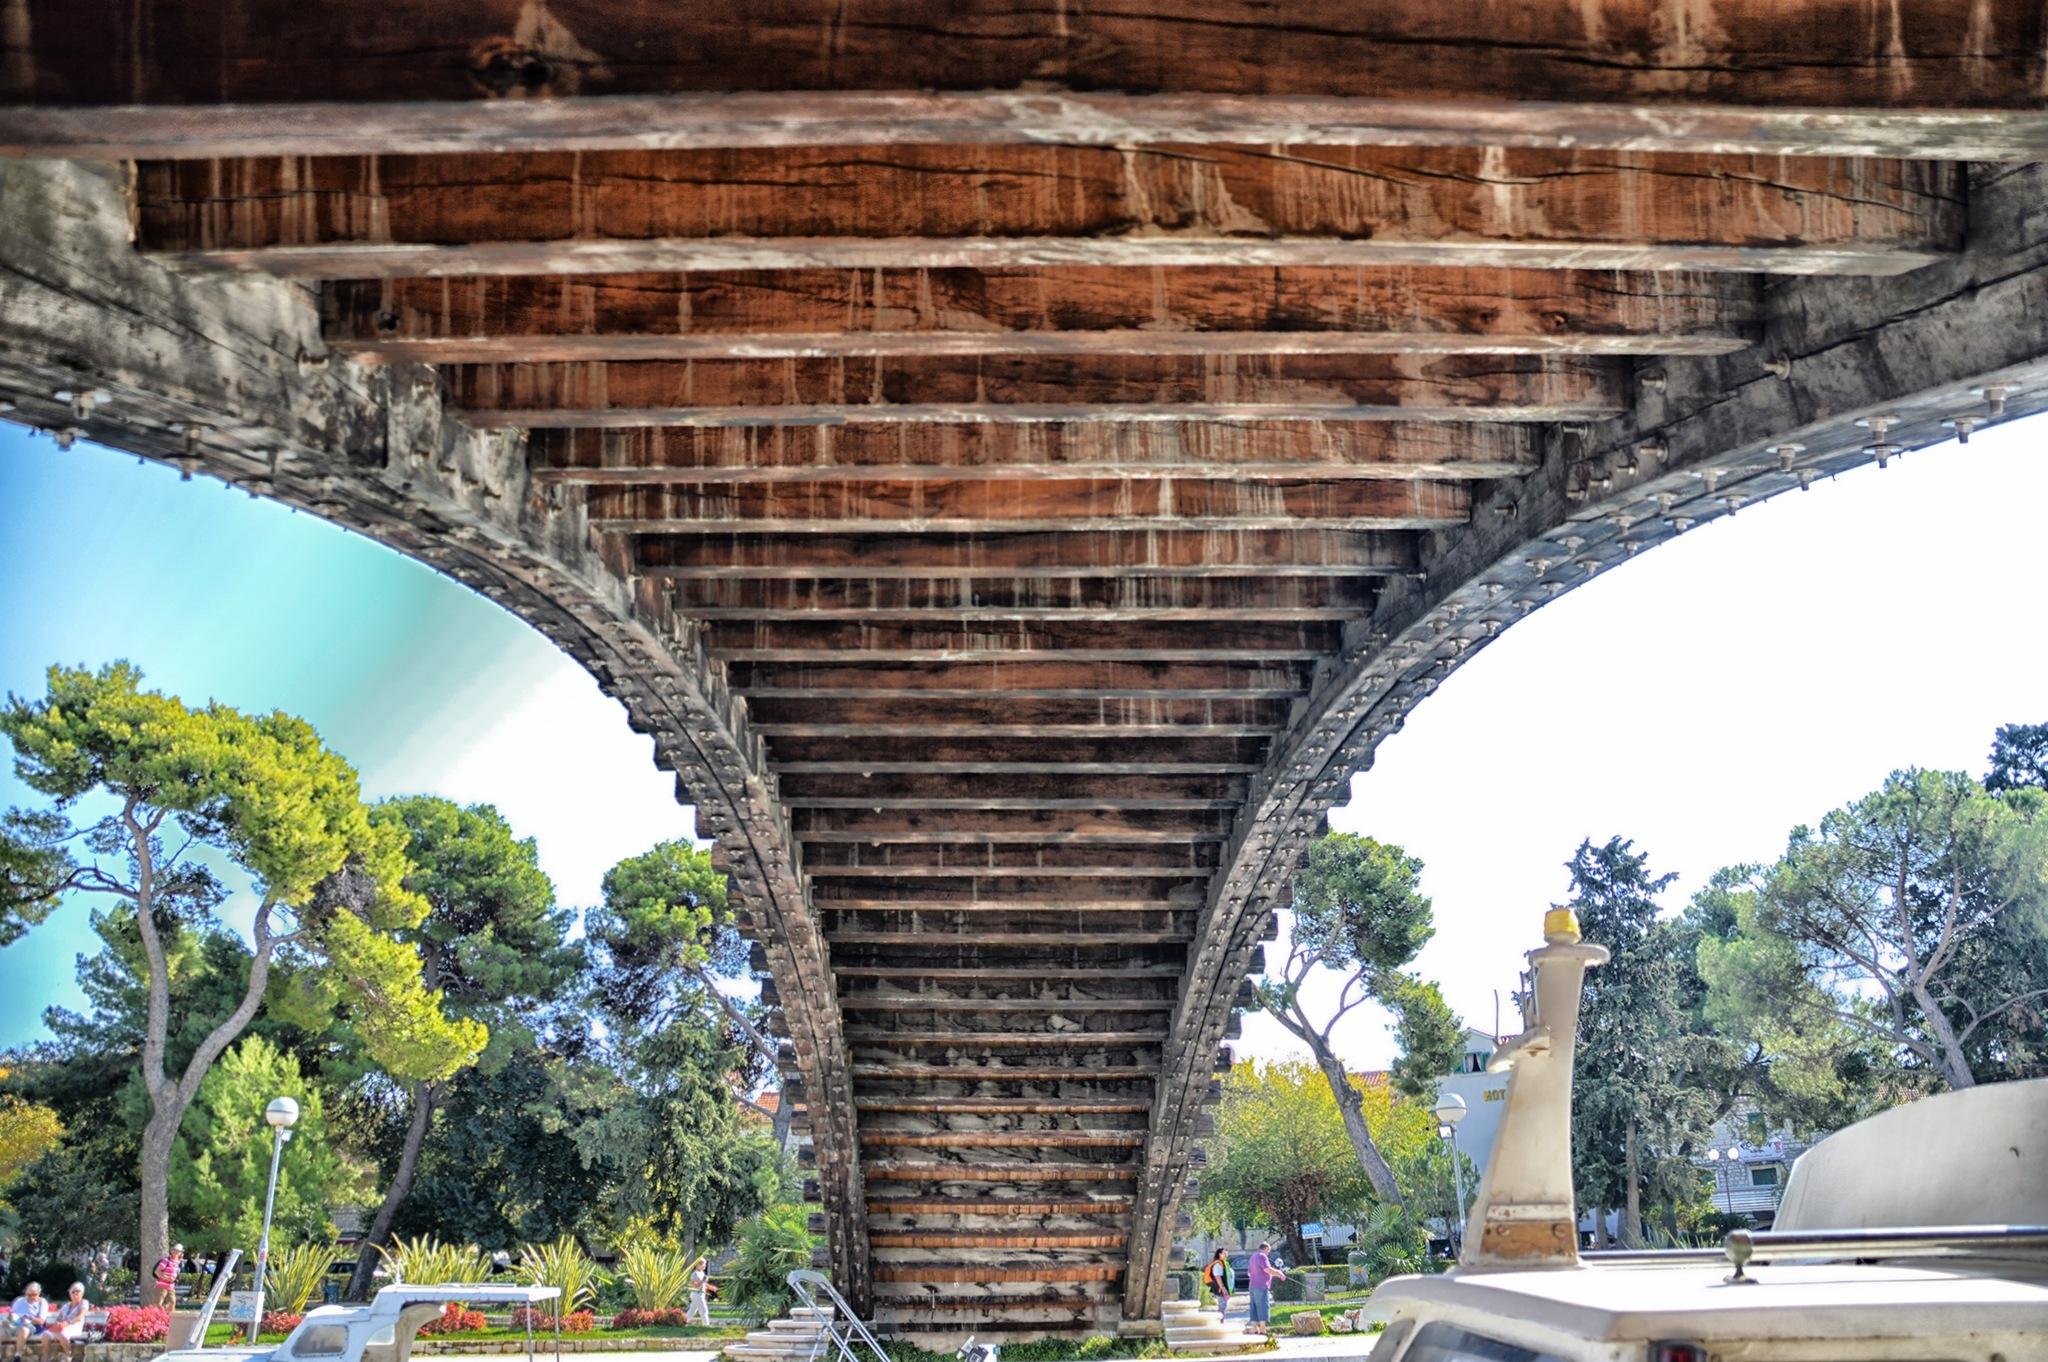 under the bridge by Nich